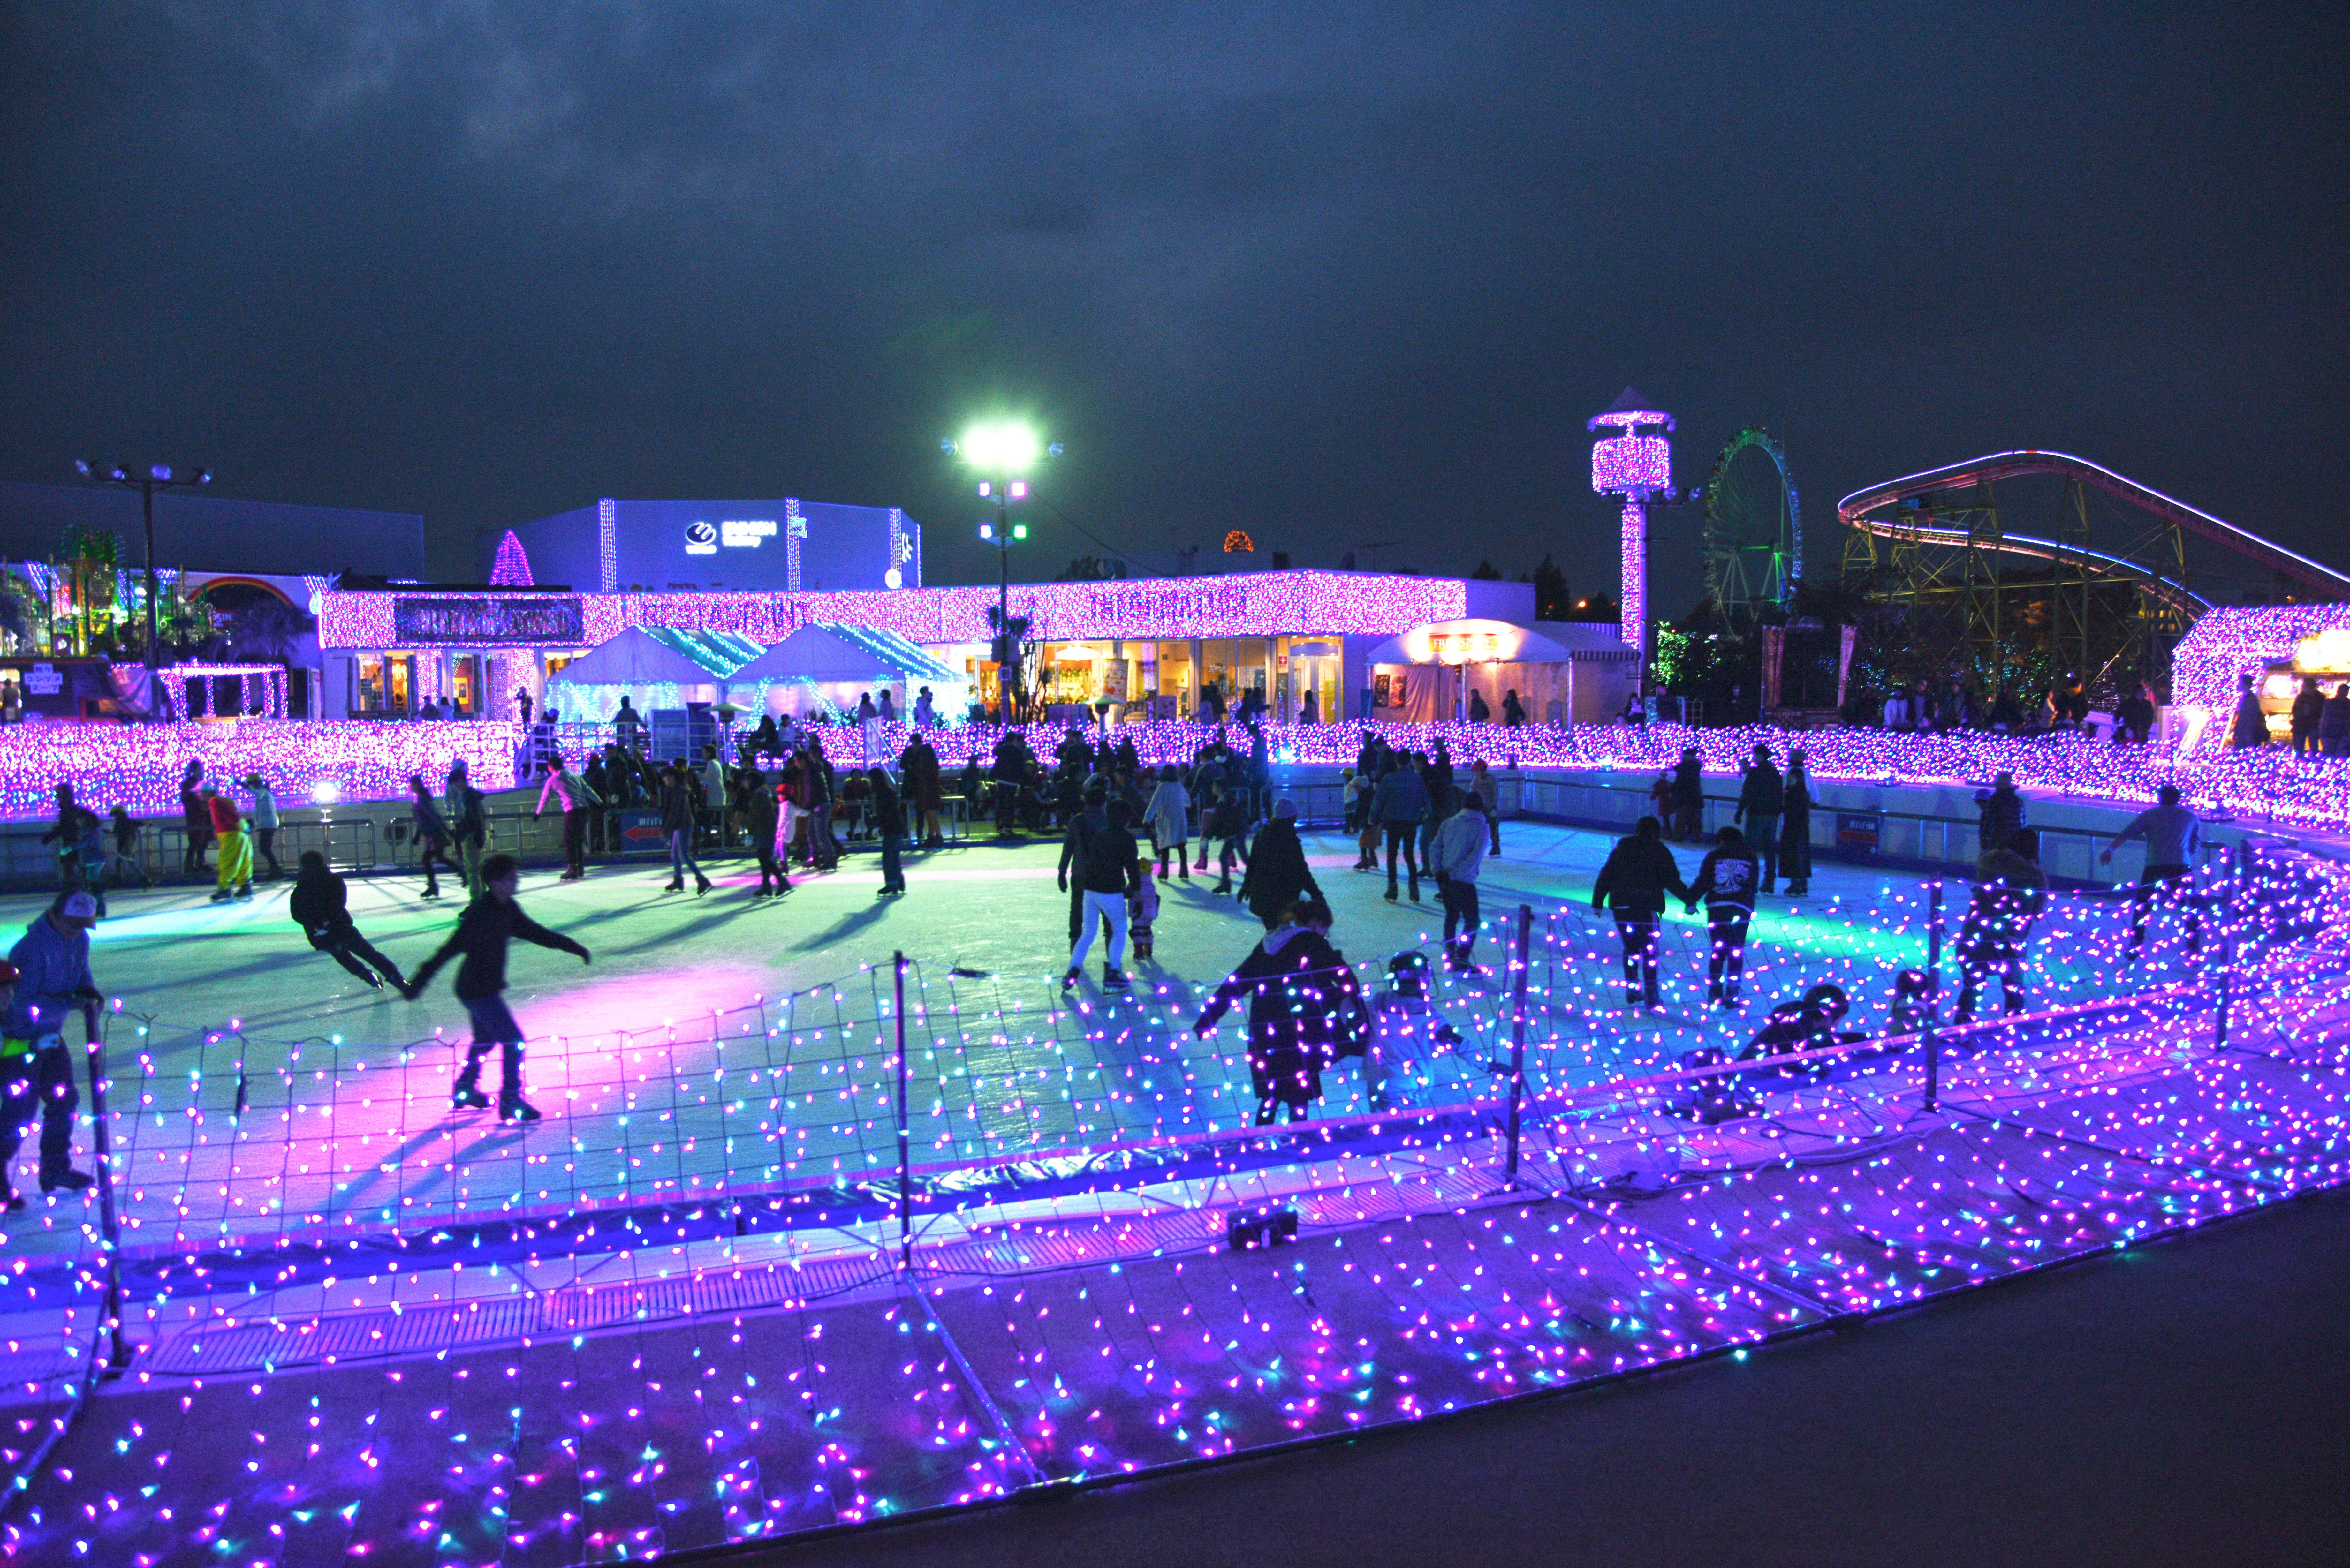 【読プレ付】過去最高の650万球イルミ!スケート・ソリも楽しめる@よみうりランド